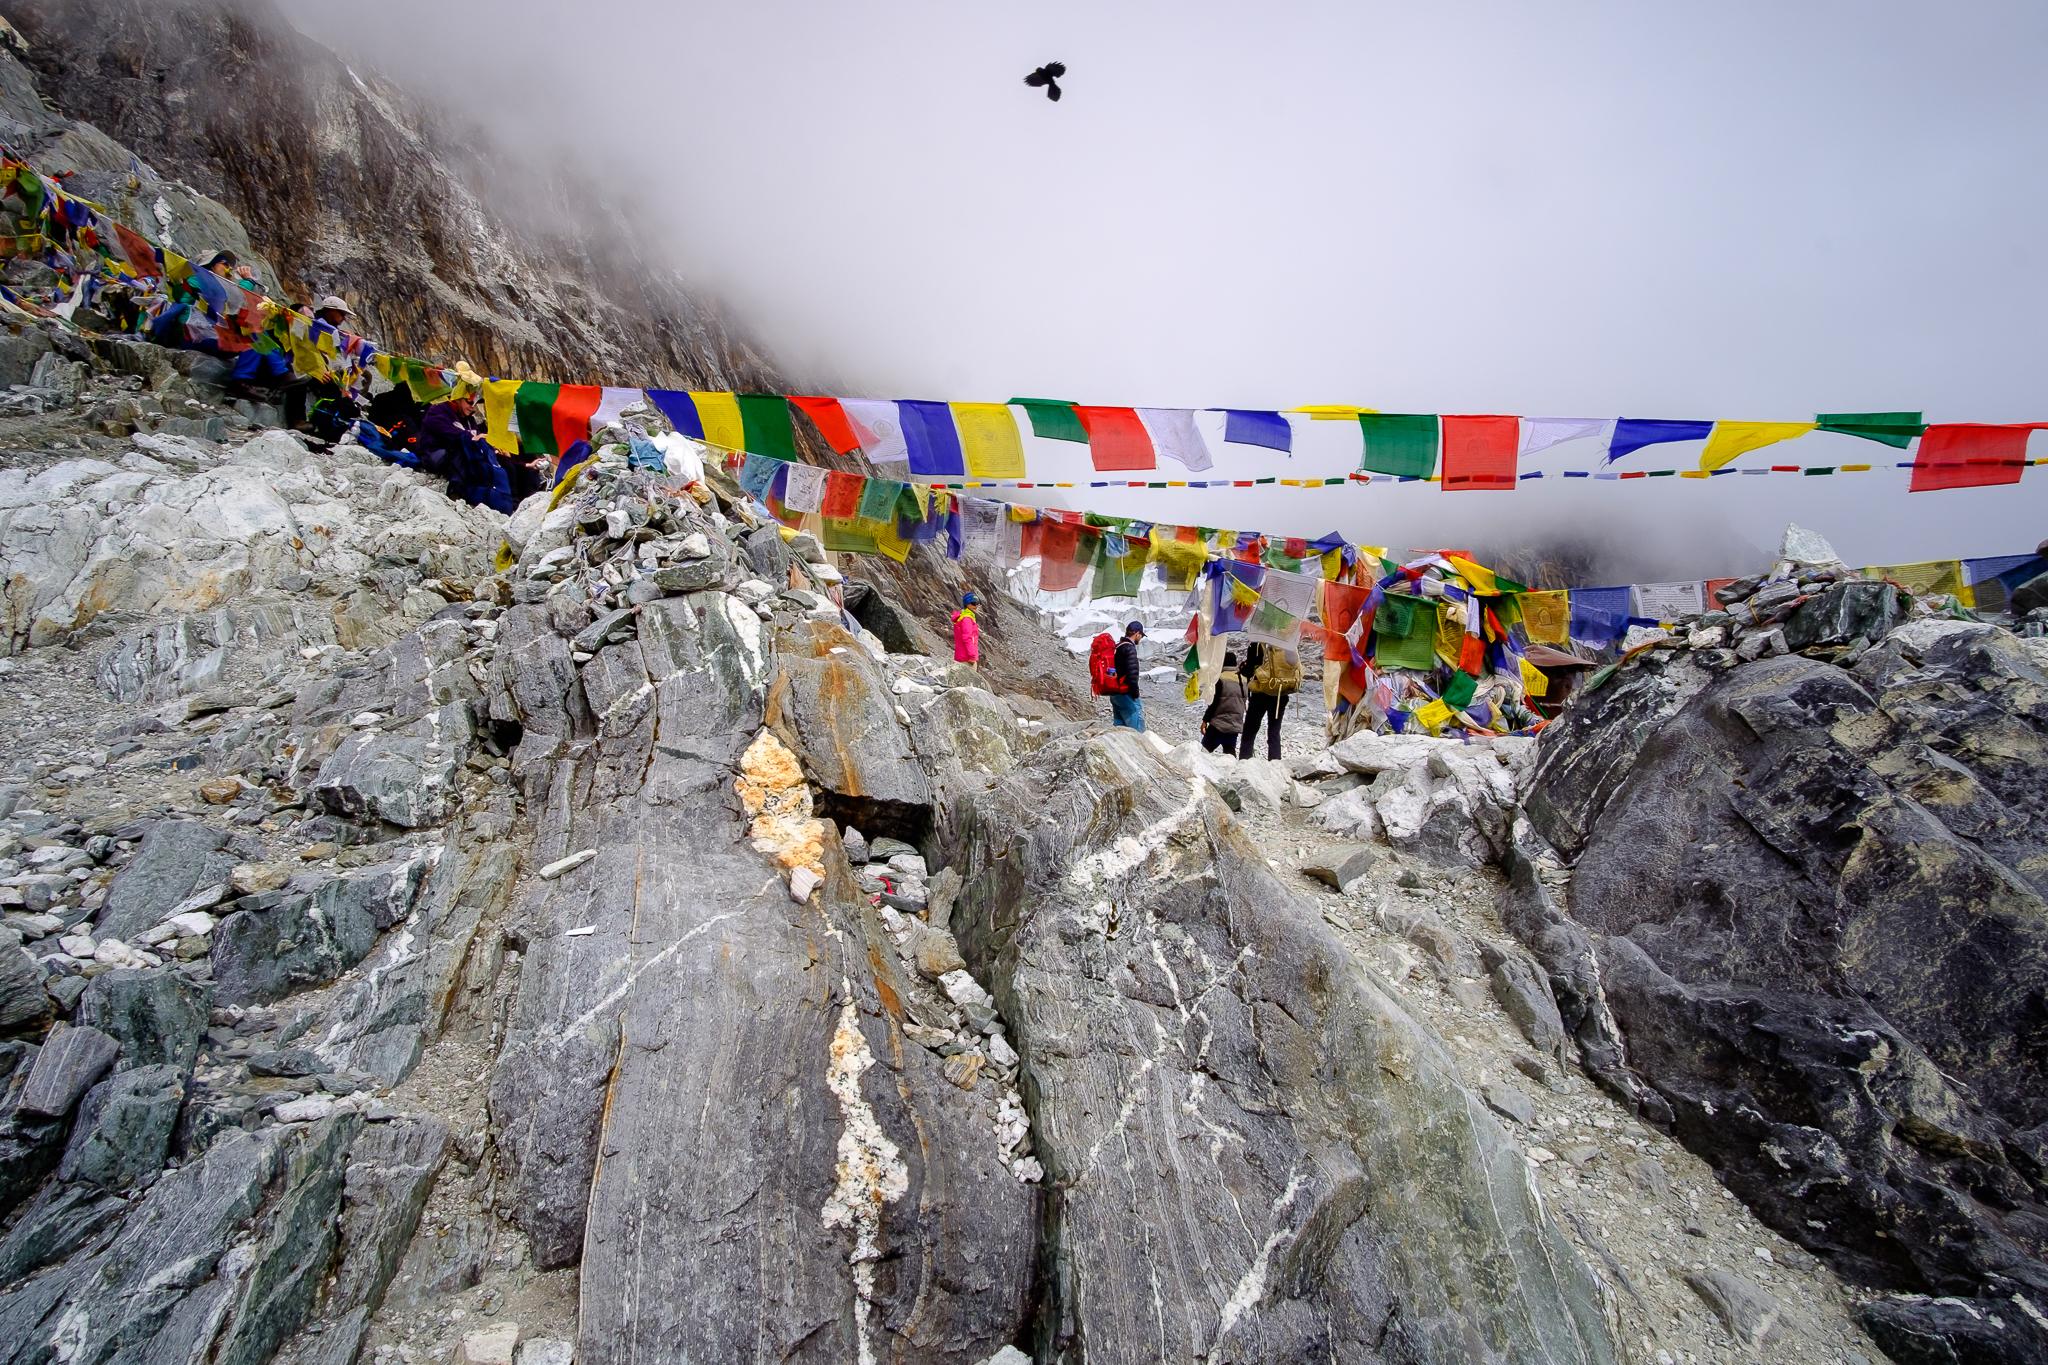 EverestTrekPart4_022.jpg